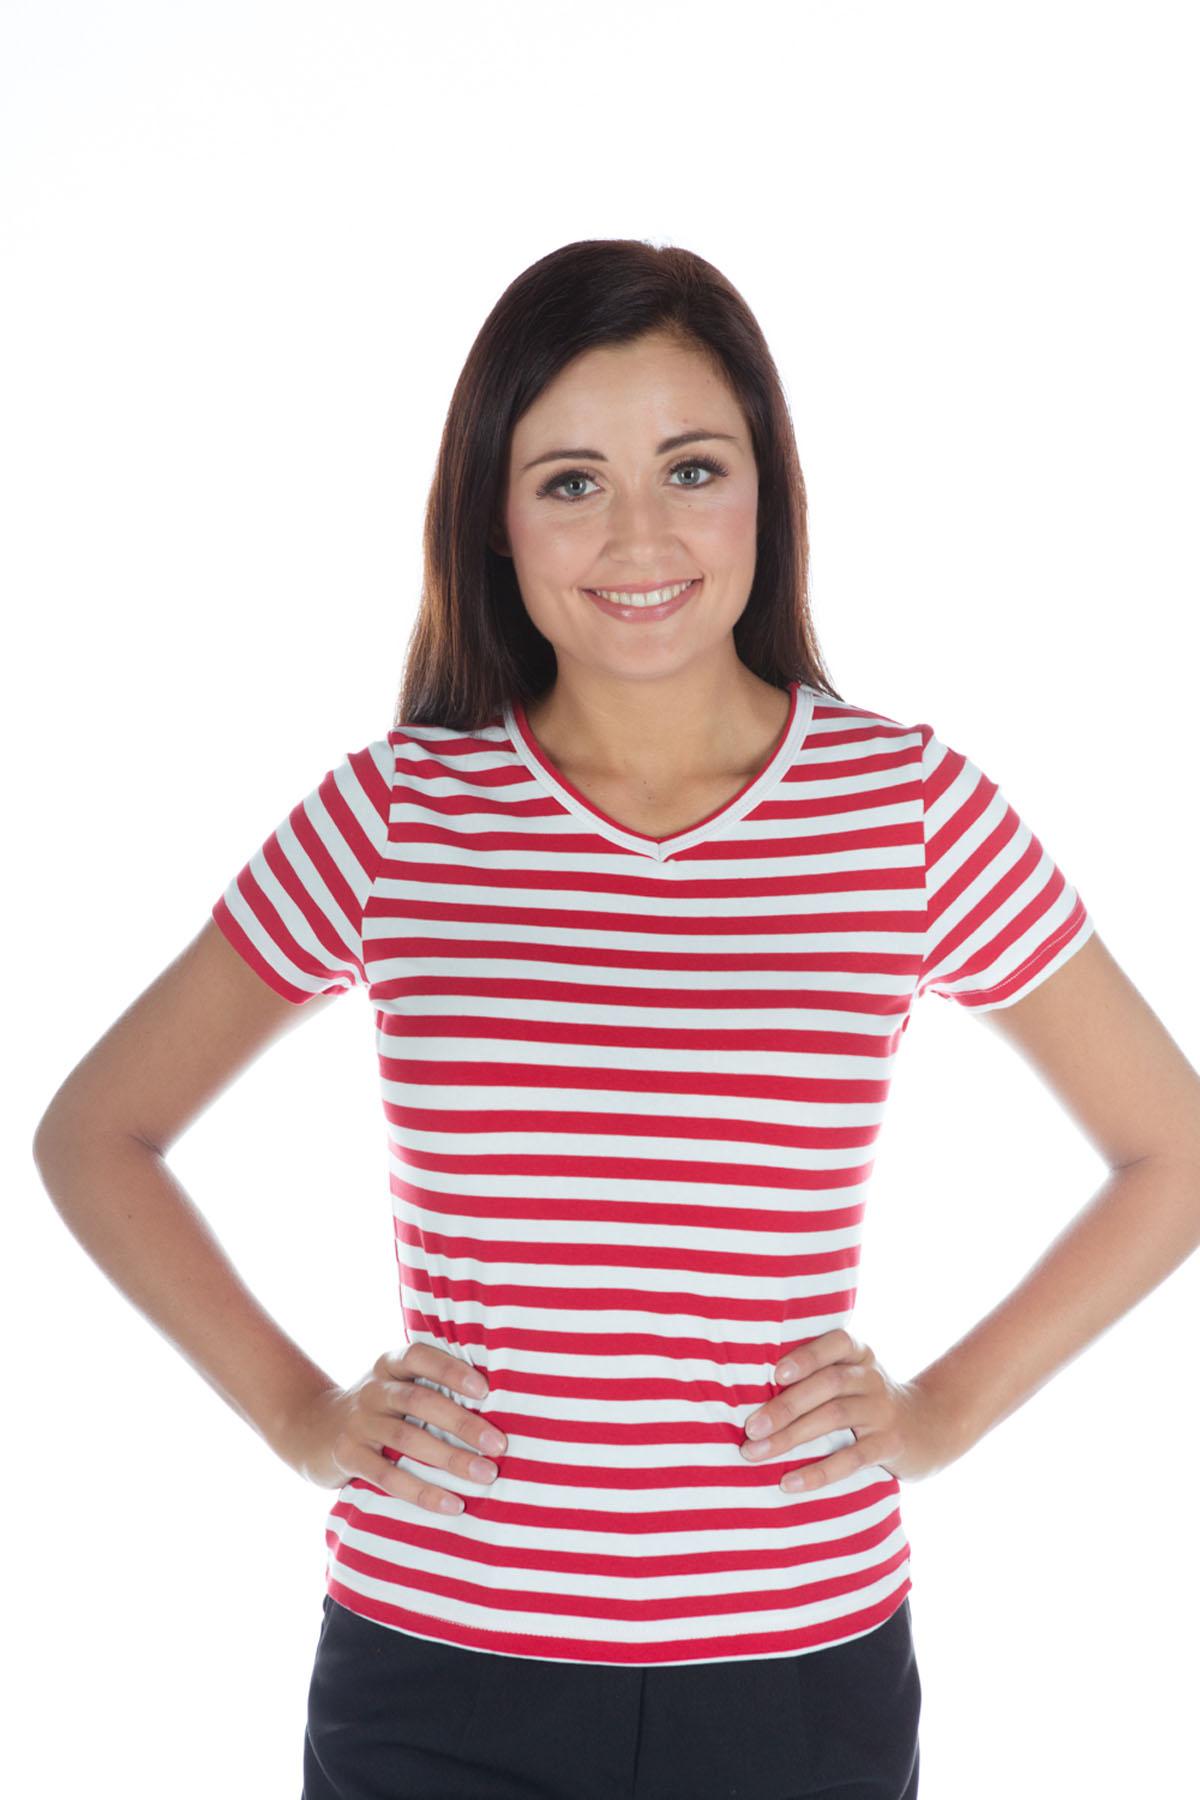 Genoeg Gestreept shirt girlie rood/wit bij karnevalswierts.com OP49